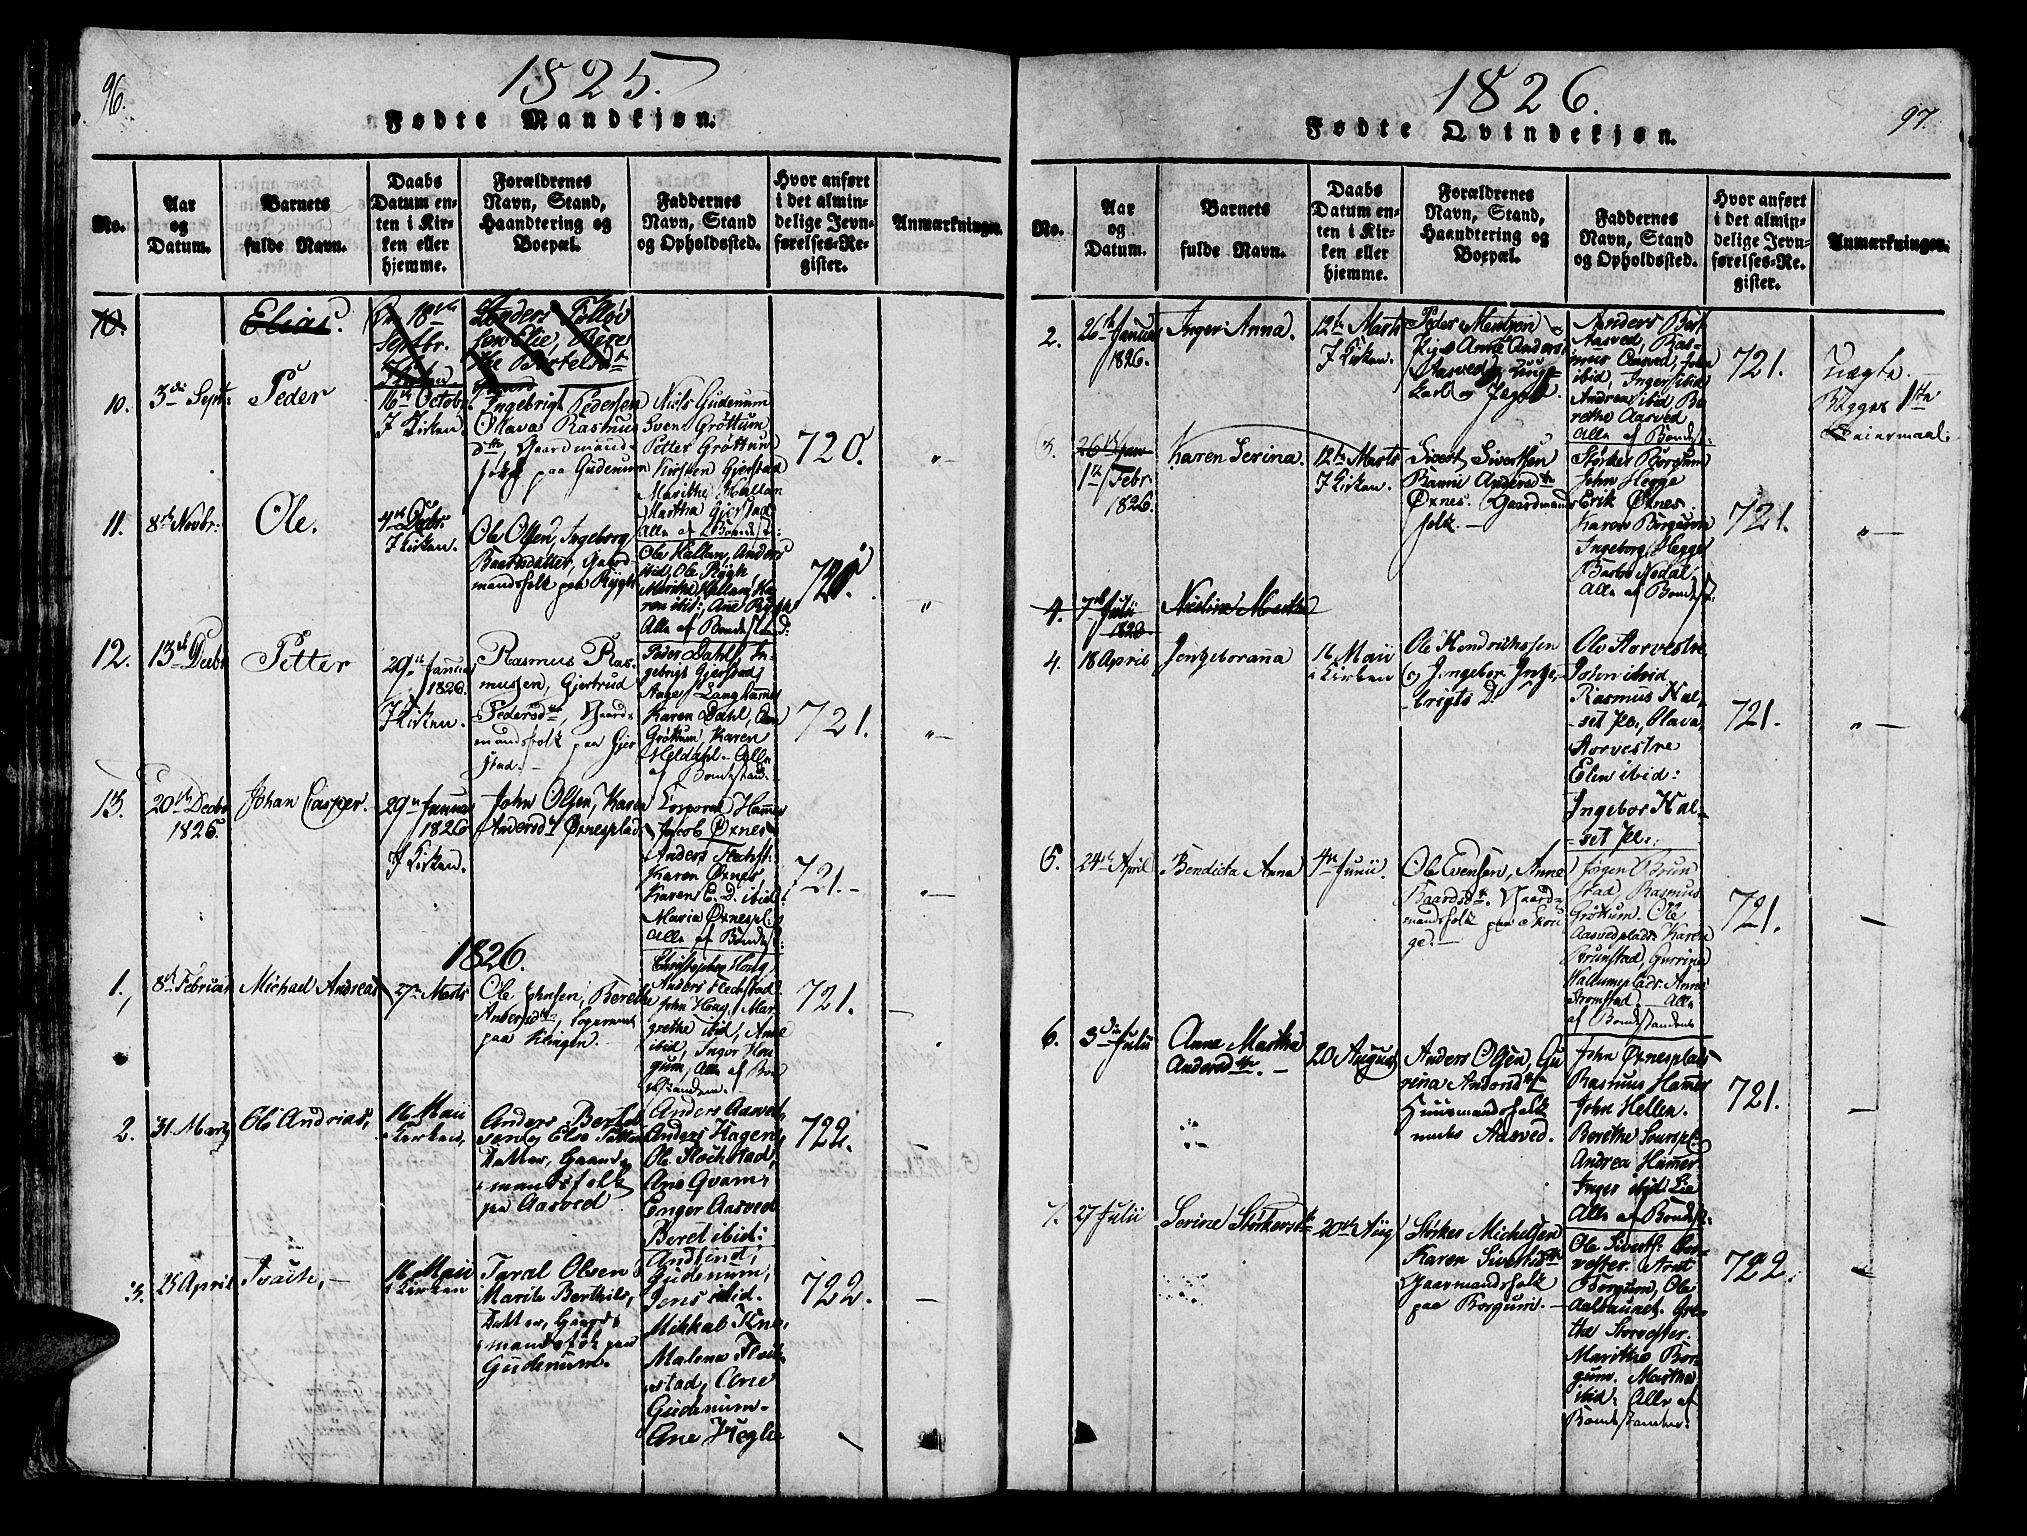 SAT, Ministerialprotokoller, klokkerbøker og fødselsregistre - Nord-Trøndelag, 746/L0441: Ministerialbok nr. 746A03 /2, 1816-1827, s. 96-97